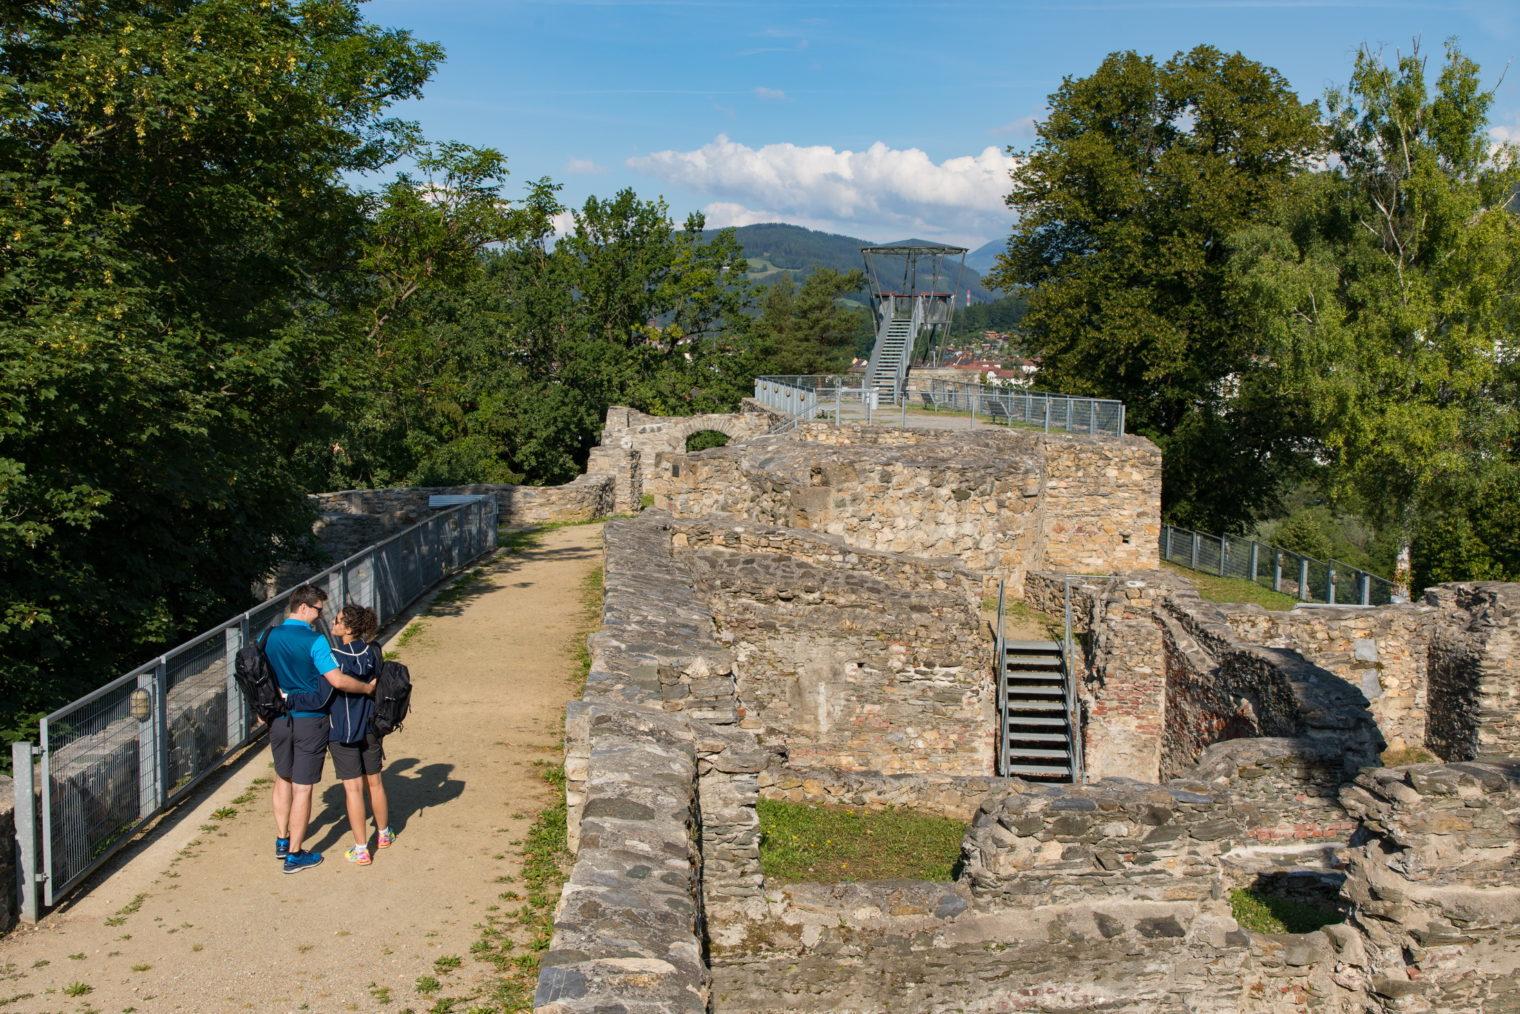 Ausgangspunkt der Wanderung: Aussichtsplattform der Massenburg Leoben